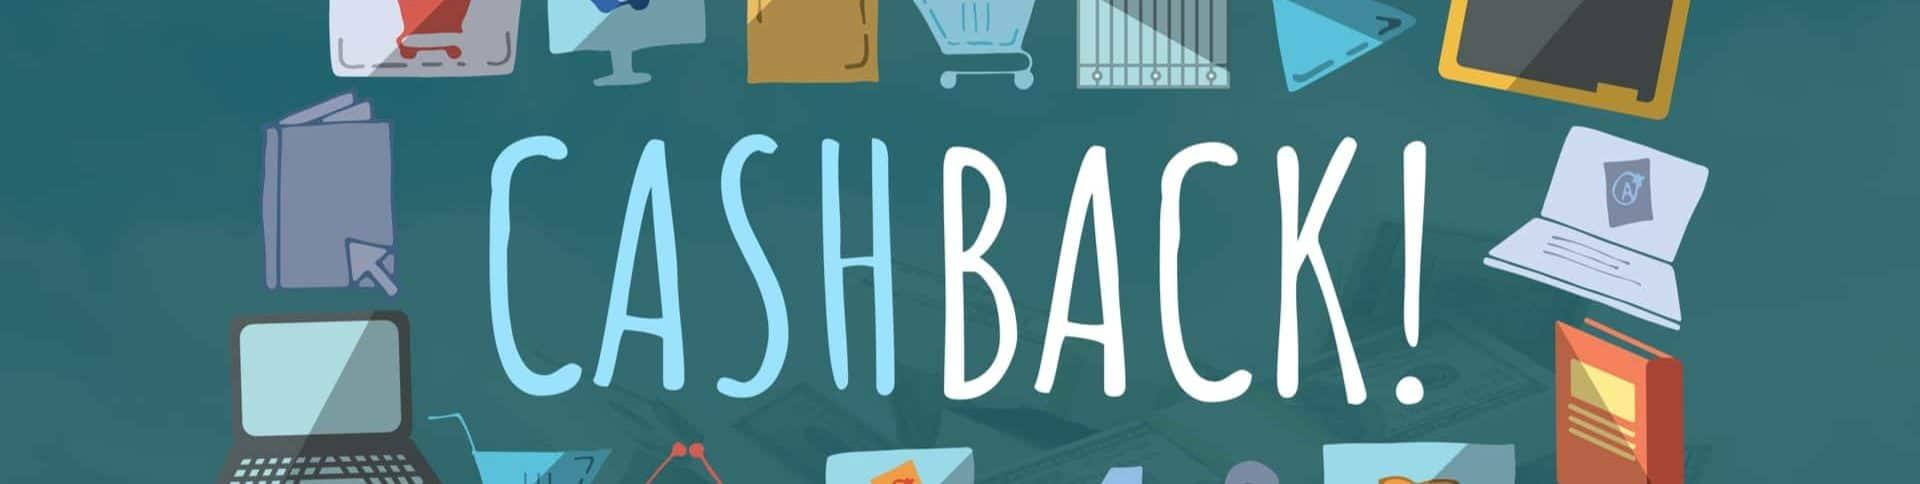 Paypal : Cashback - image